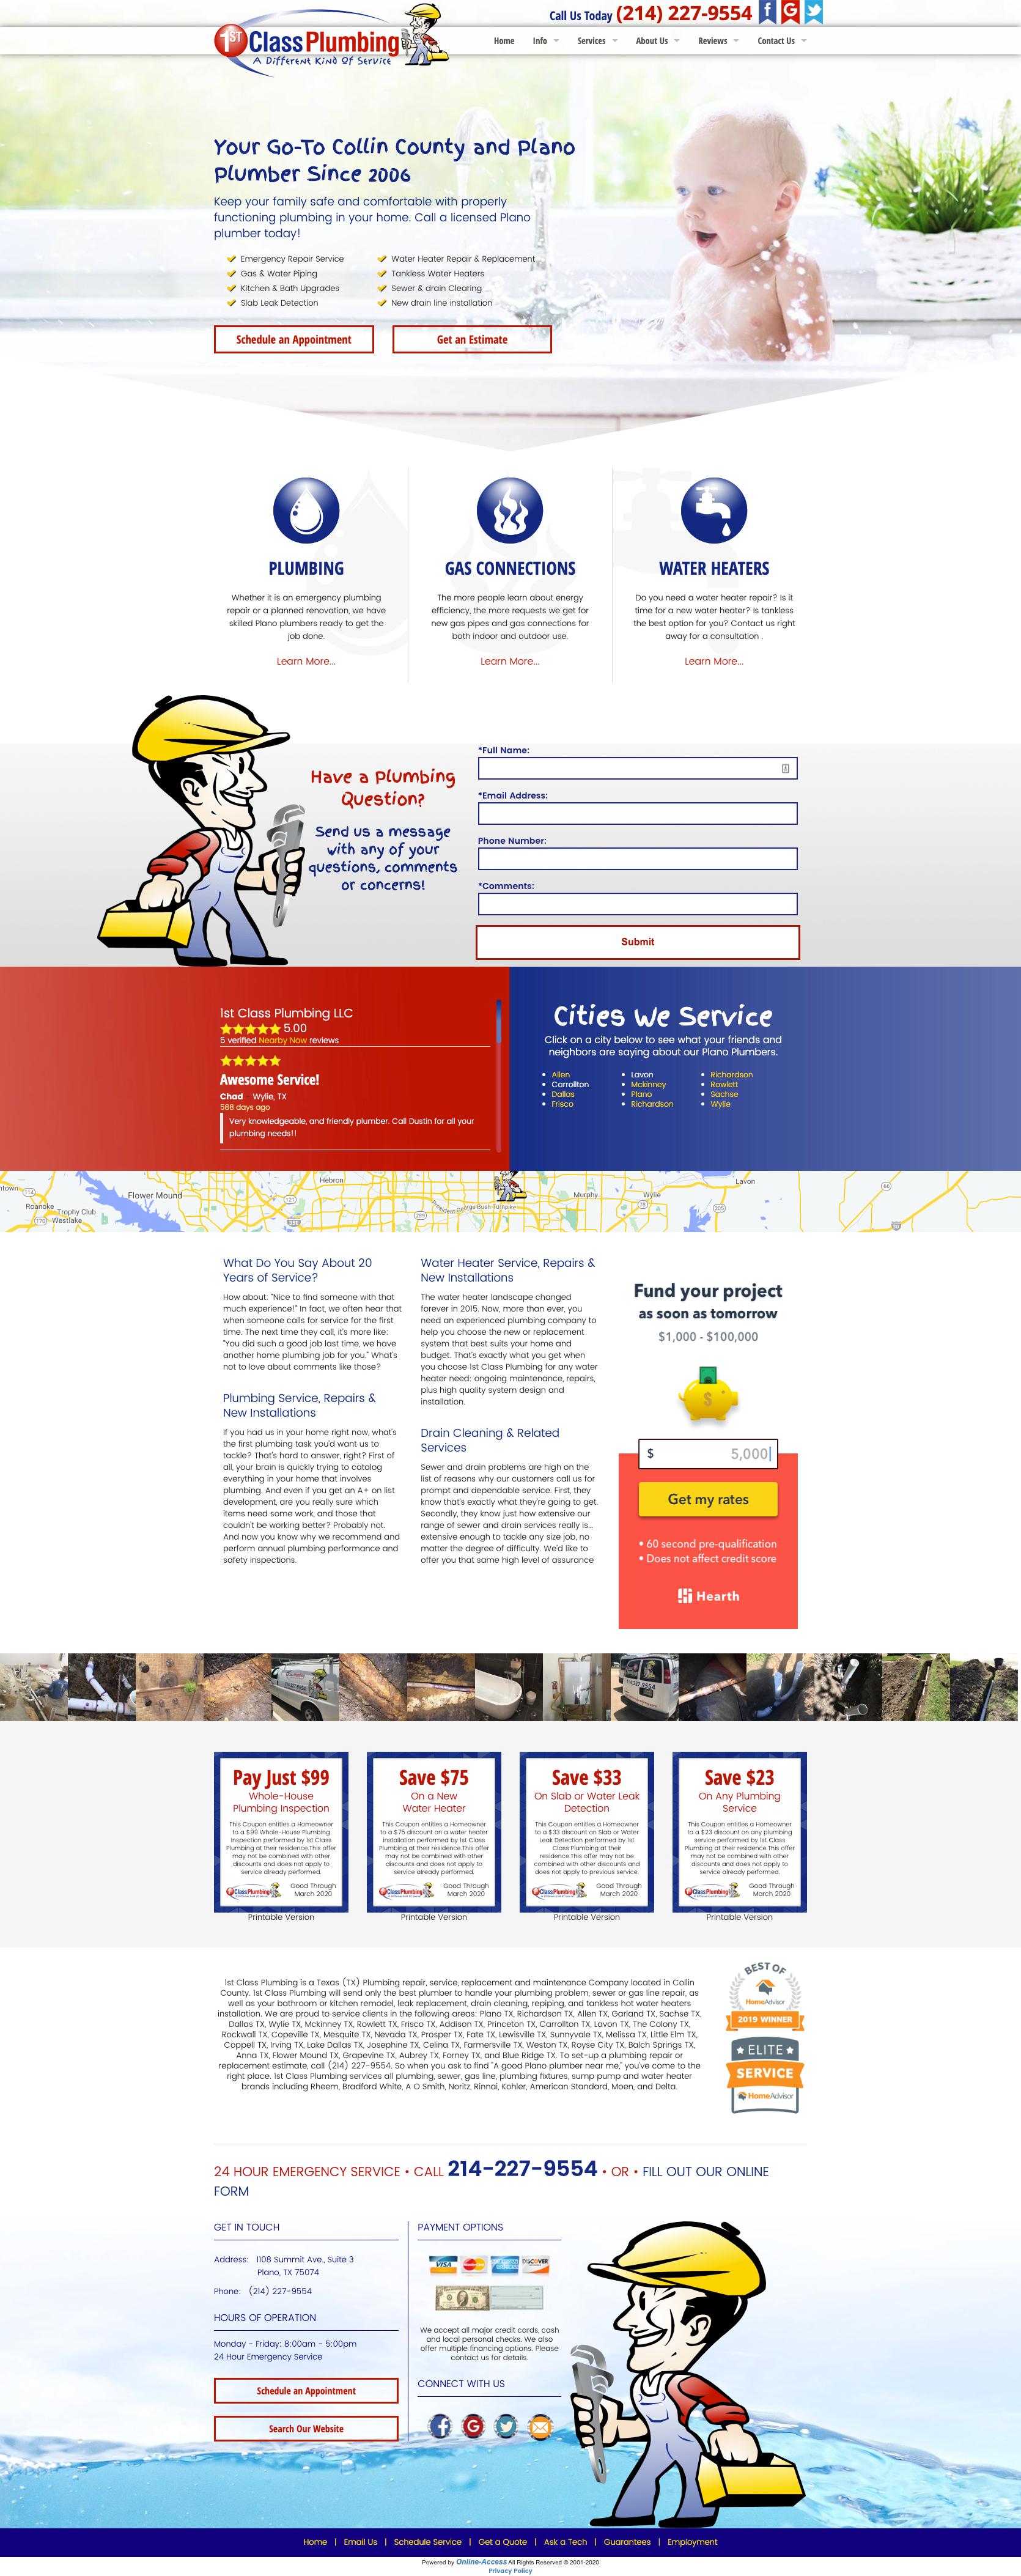 Branded Website Design in 2020 Plumbing humor, Plumbing